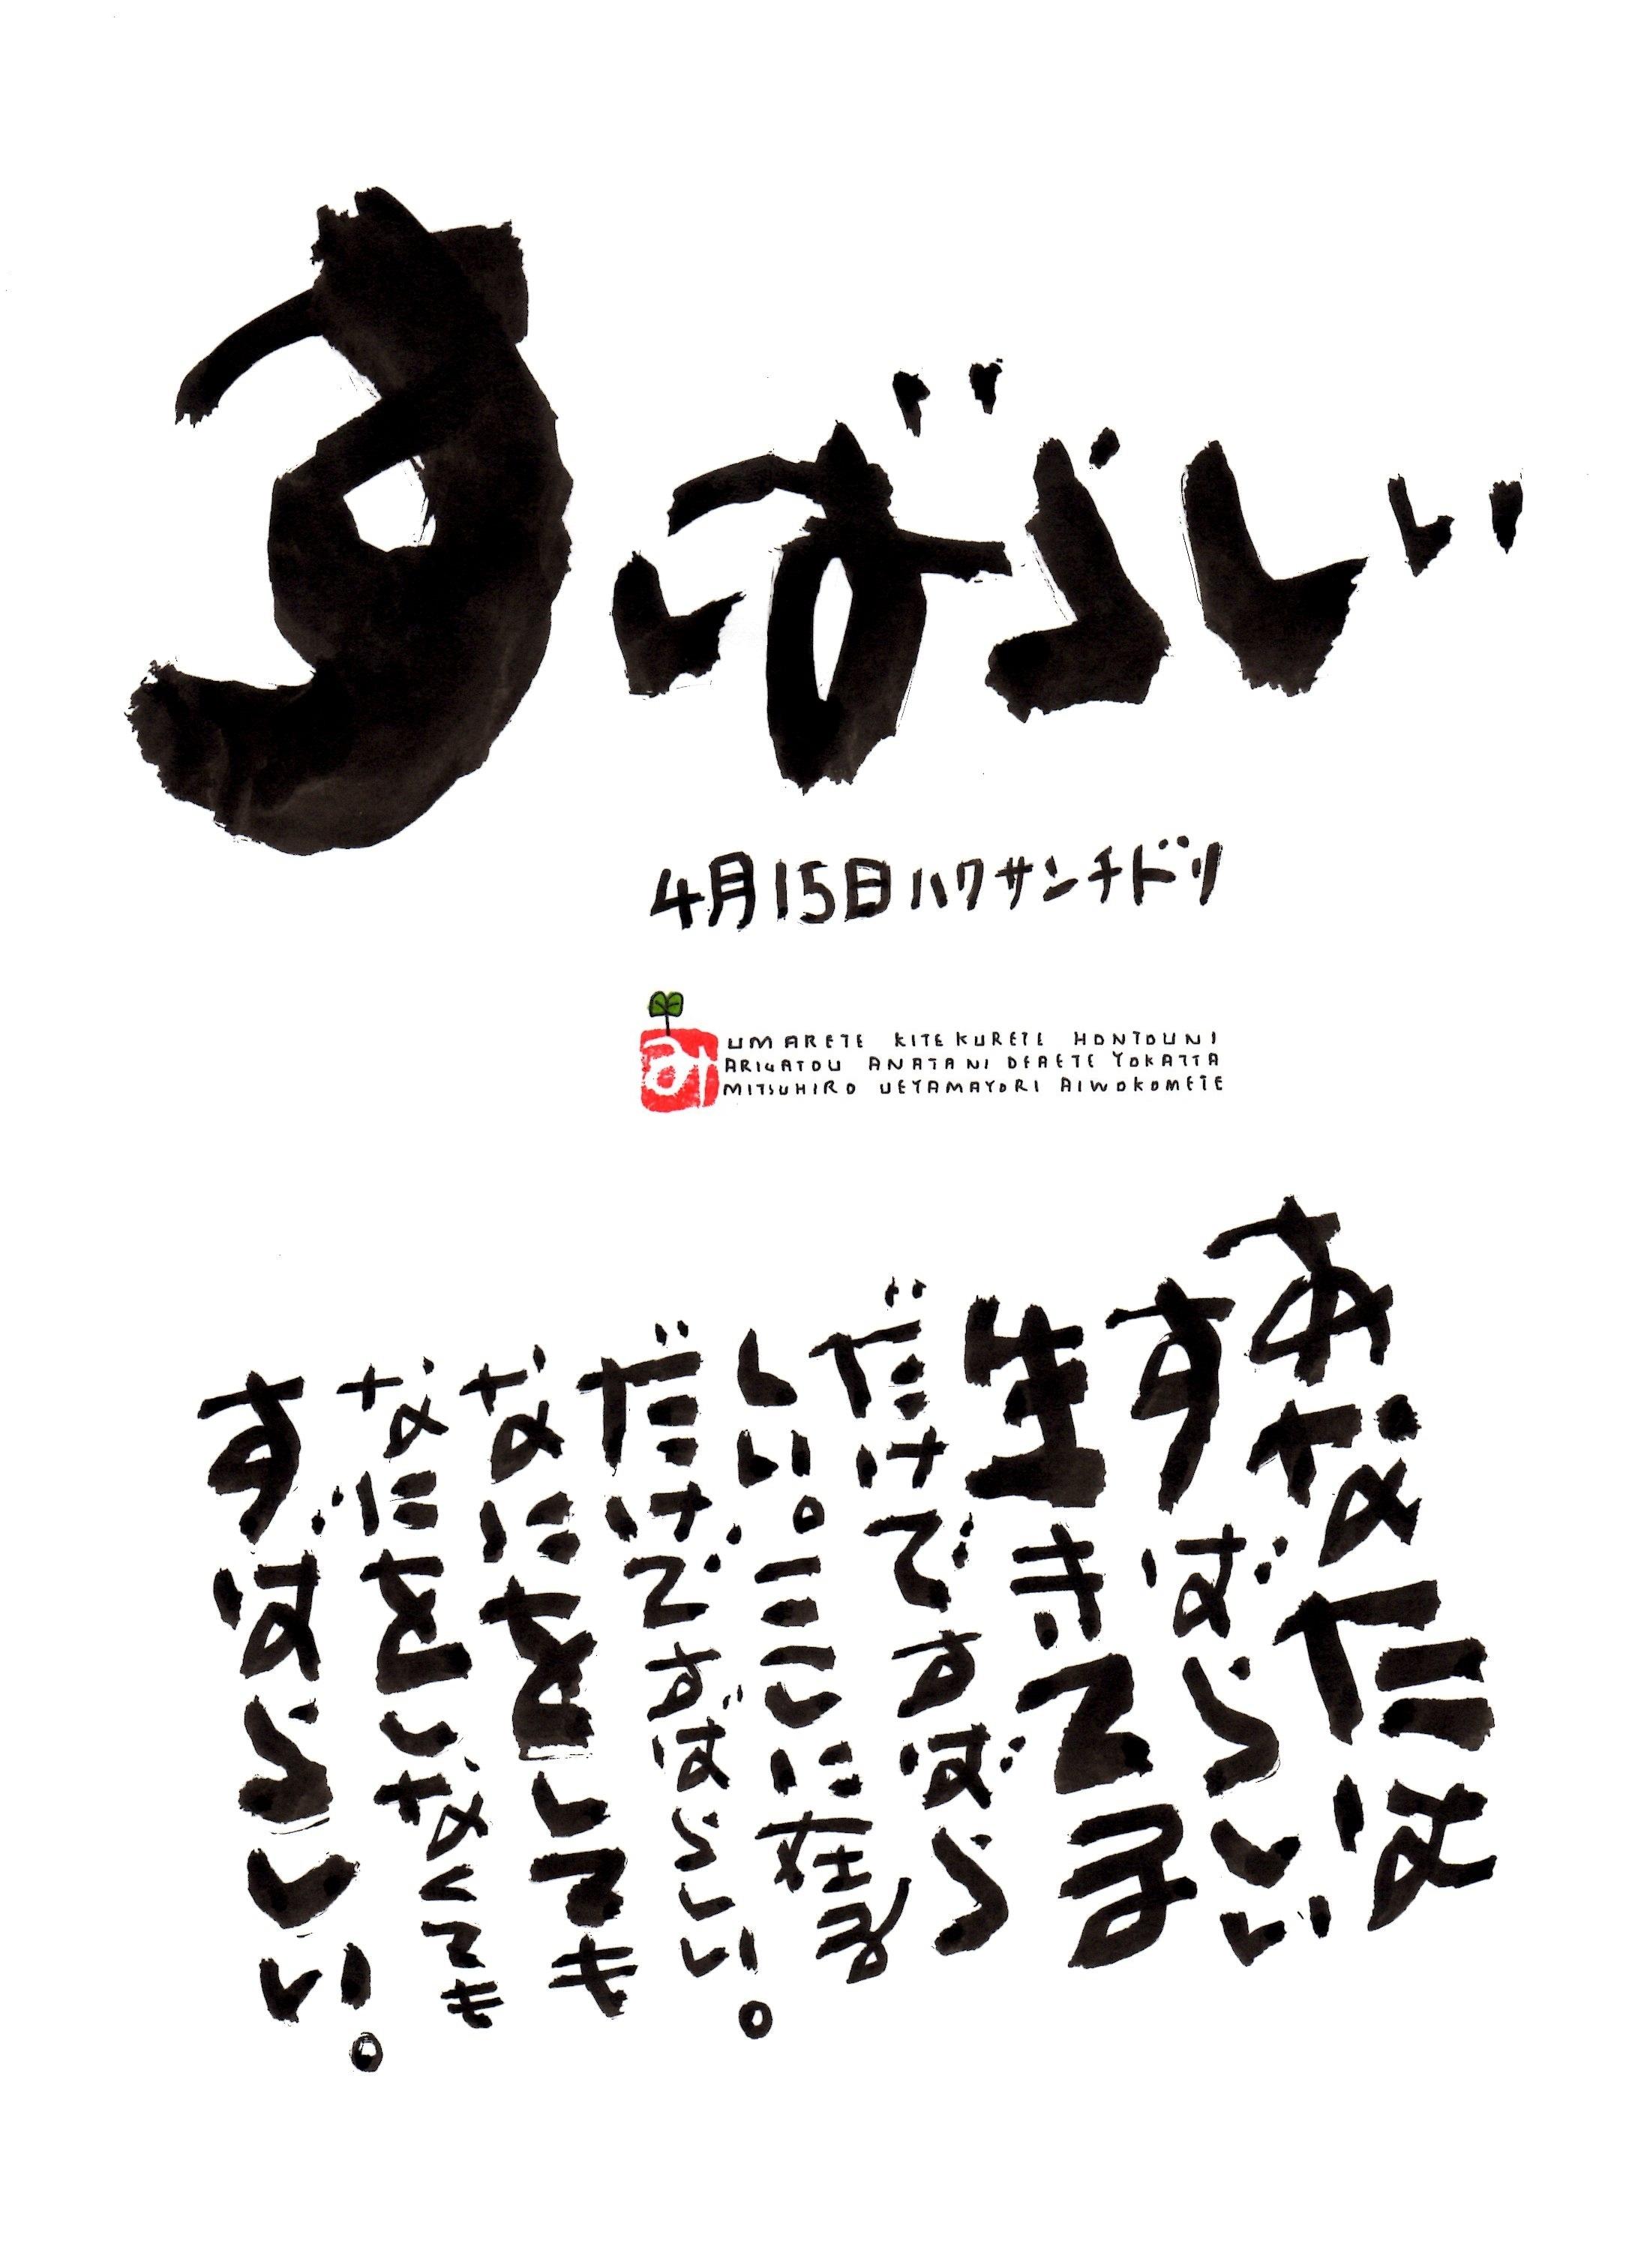 4月15日 誕生日ポストカード【すばらしさ】Wonderful